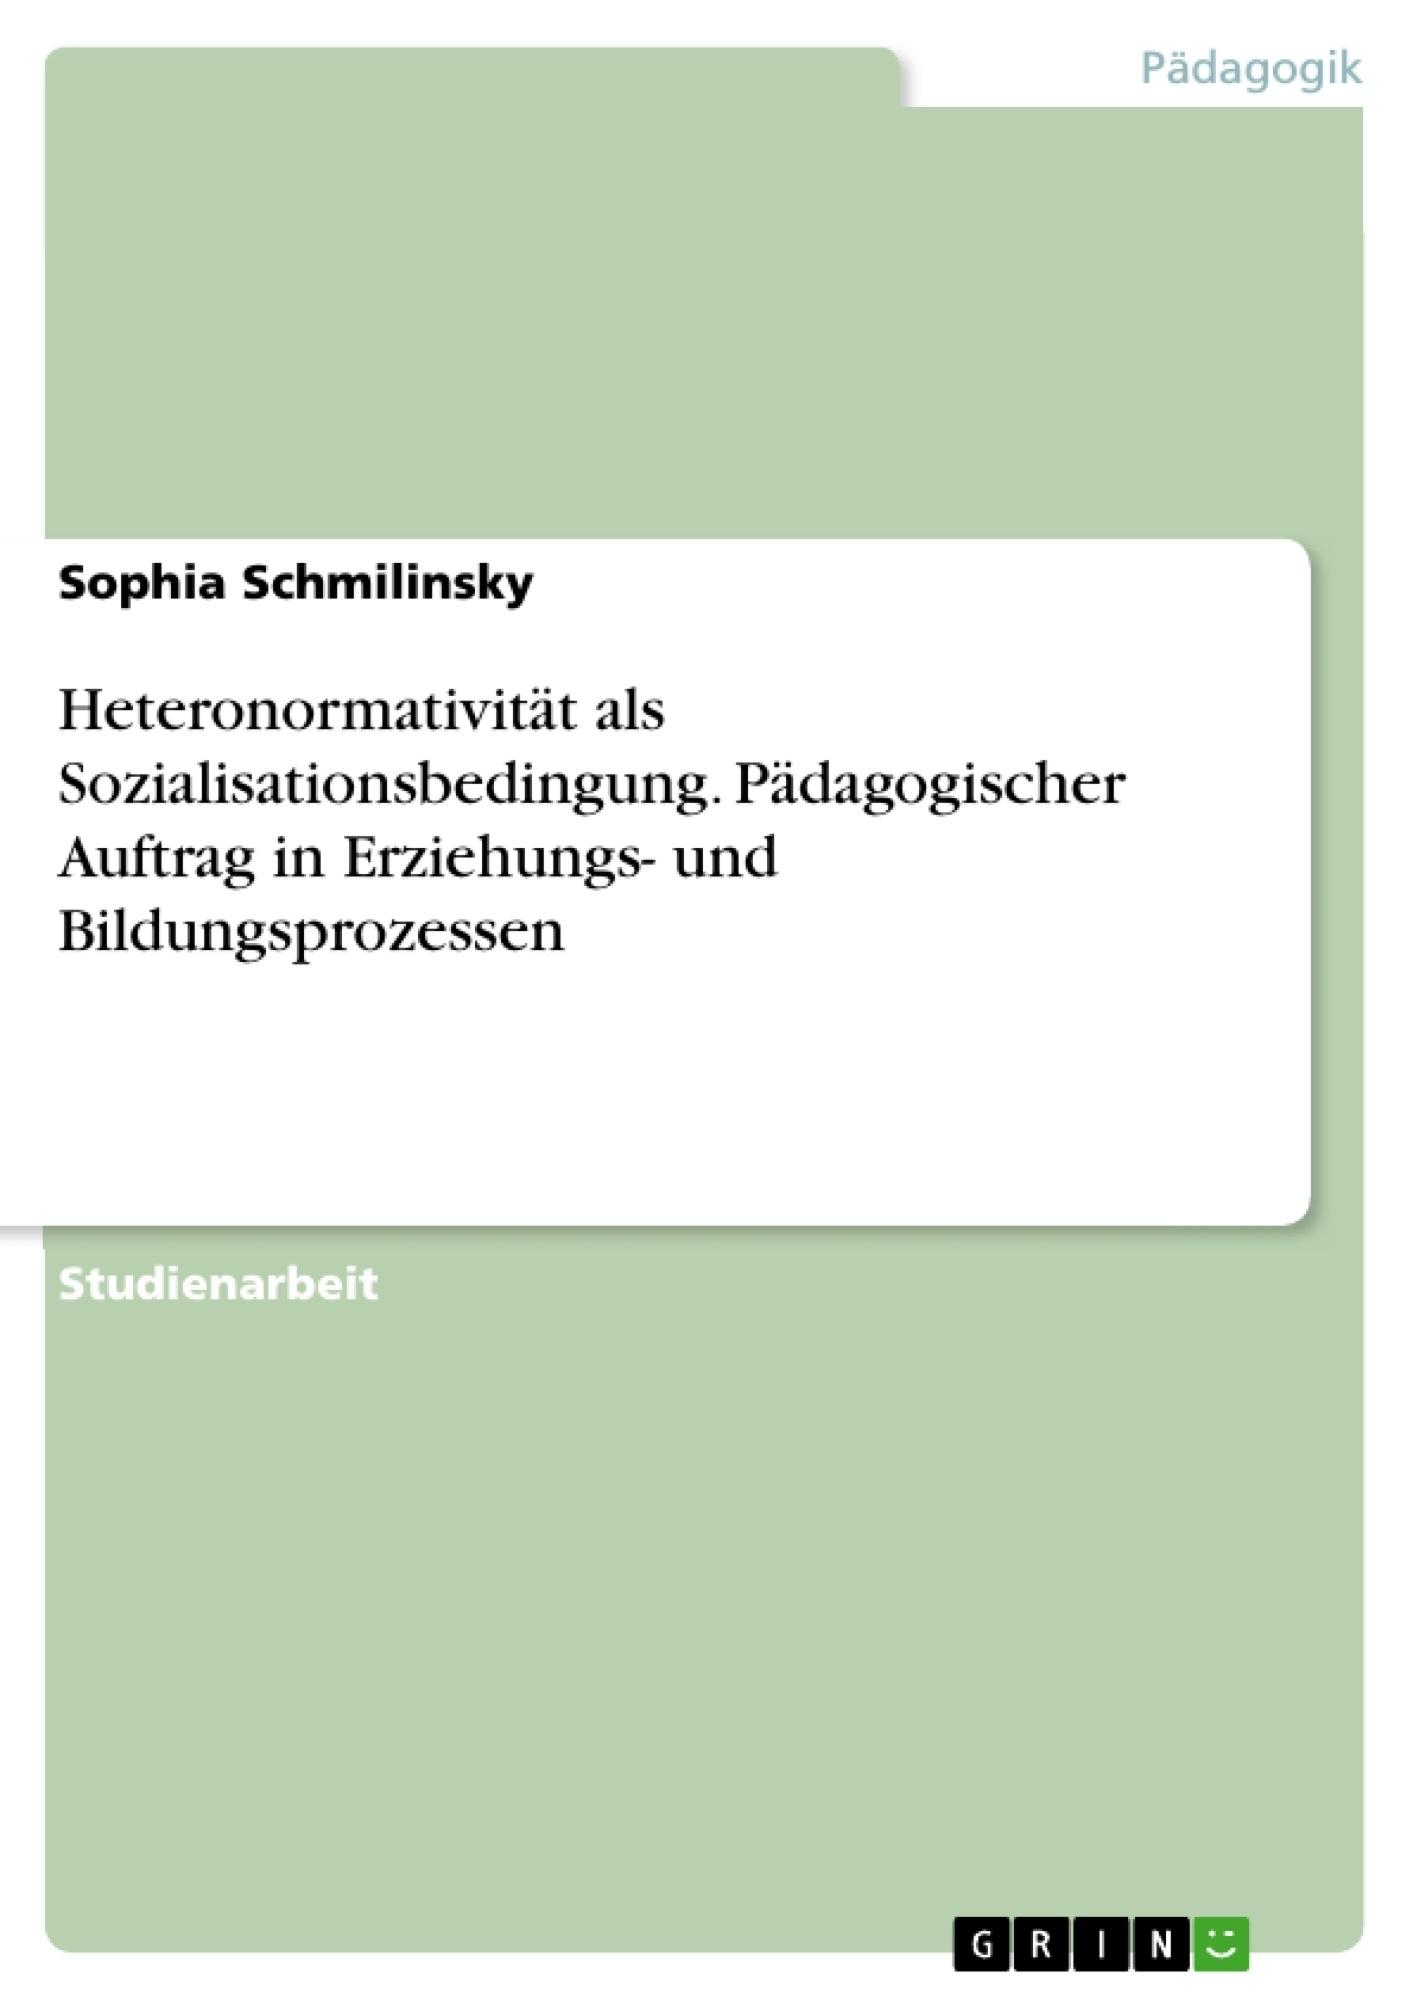 Titel: Heteronormativität als Sozialisationsbedingung. Pädagogischer Auftrag in Erziehungs- und Bildungsprozessen